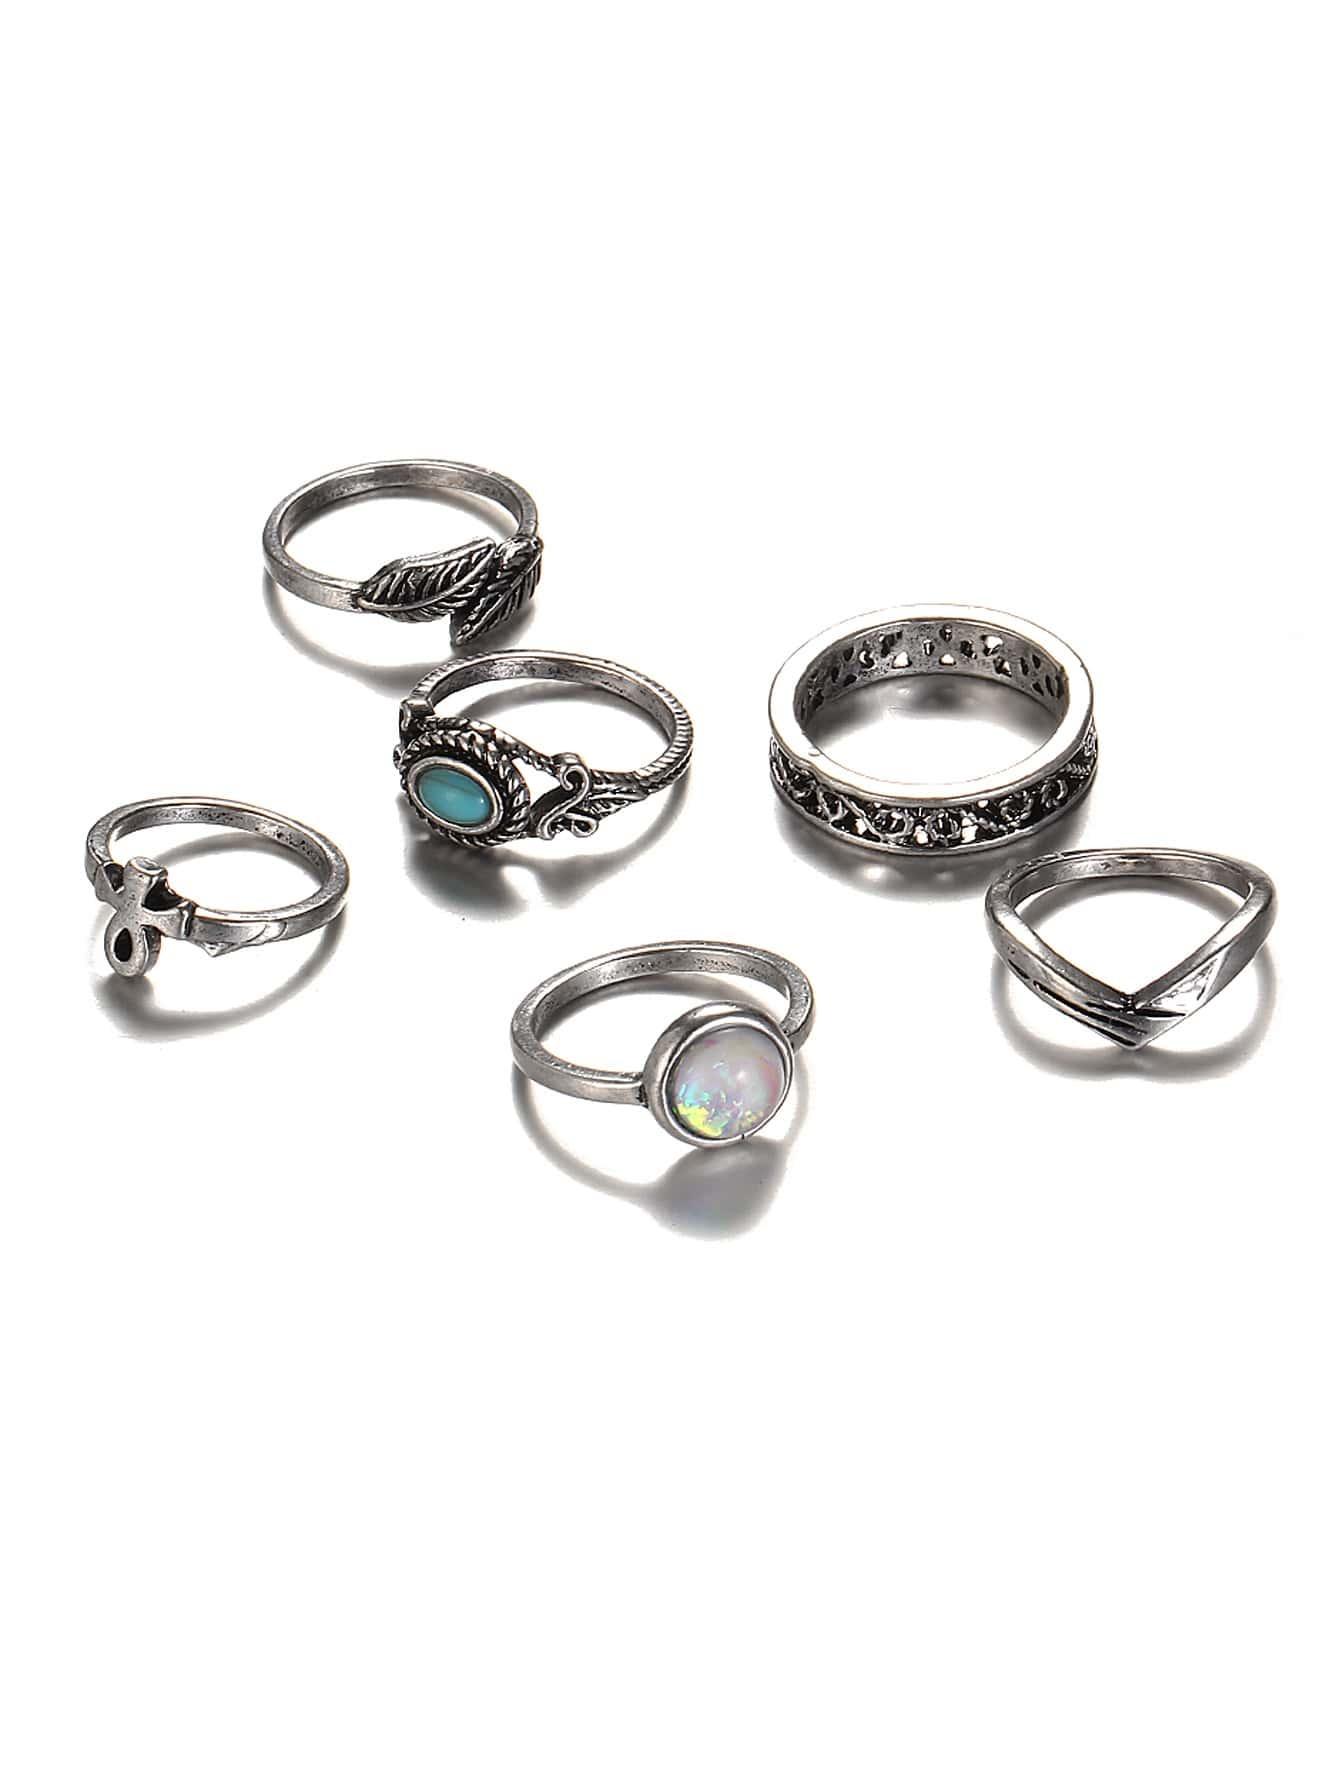 39bcbf254d Turquoise Detail Multi Shaped Ring Set 6pcs | SHEIN UK